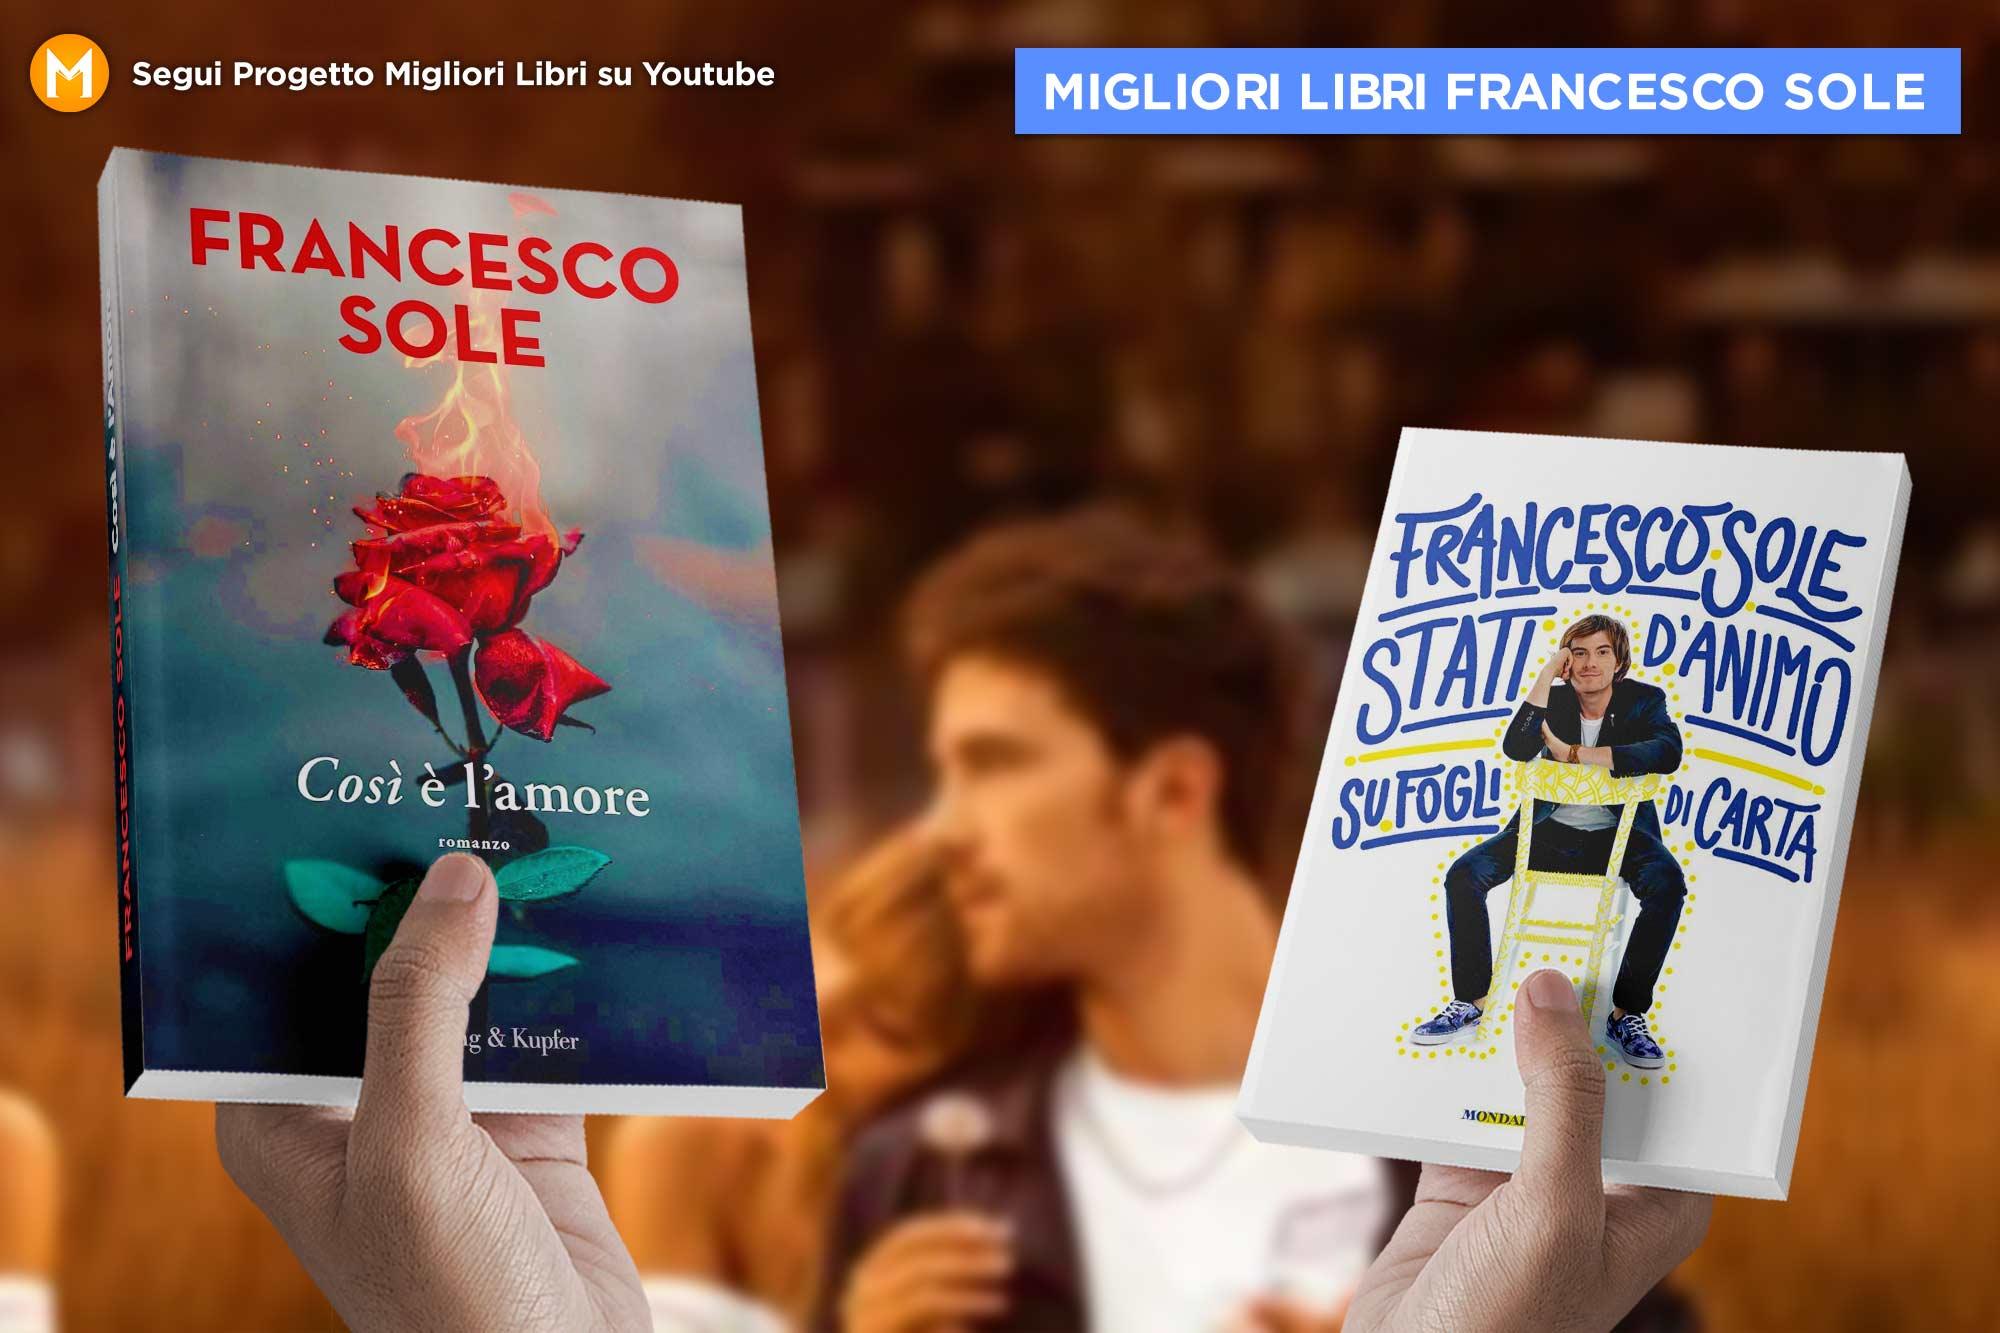 migliori-libri-Francesco-Sole